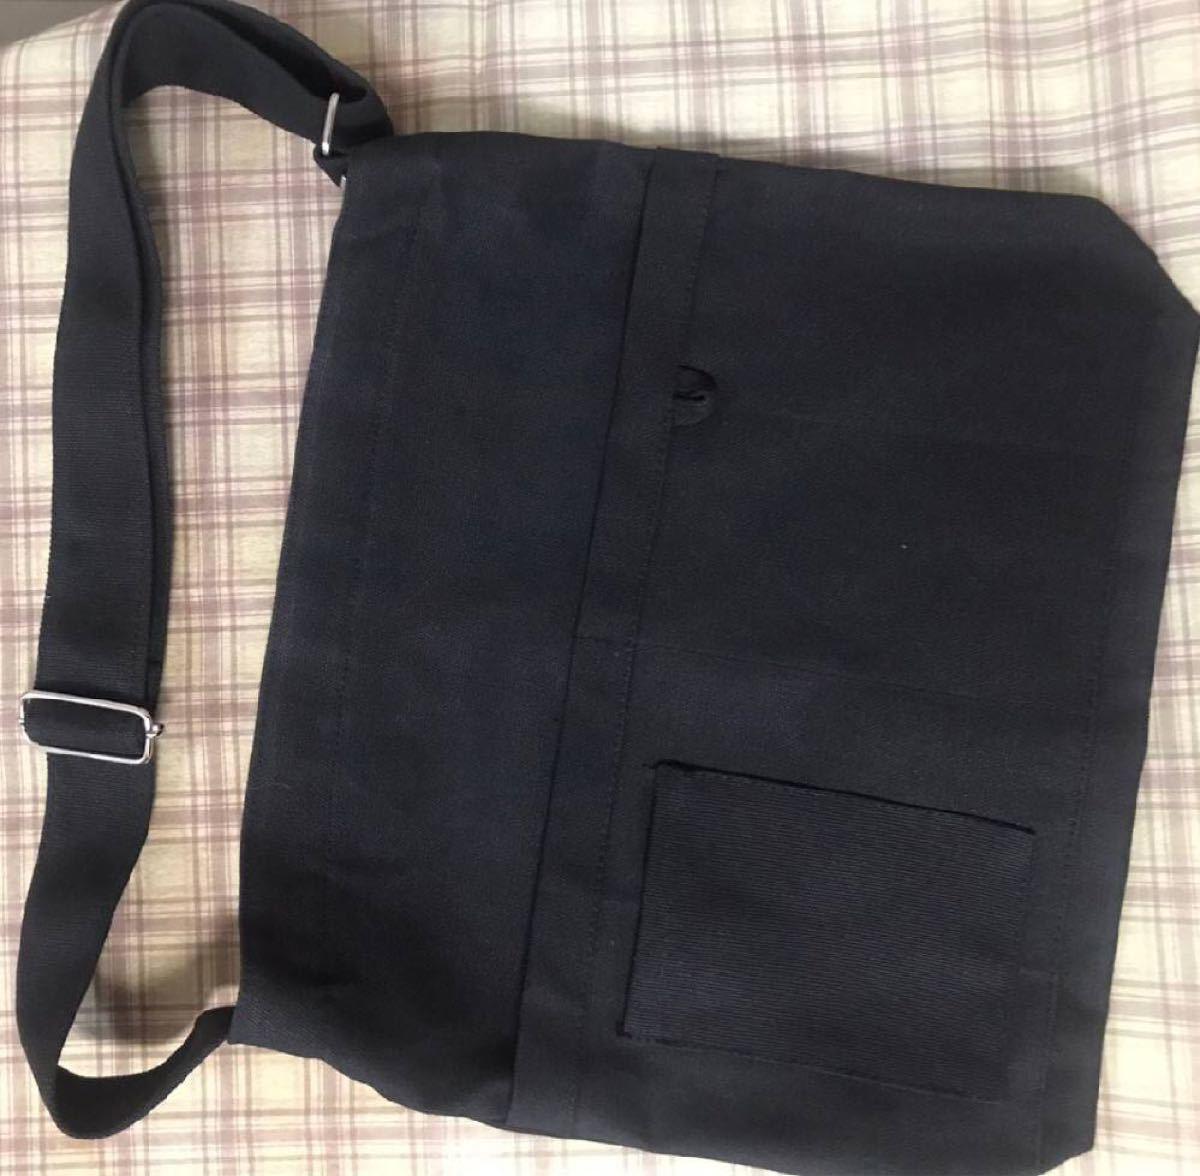 トートバッグ ショルダーバッグ レディースバッグ キャンバスバッグ ブラック マザーズバッグ